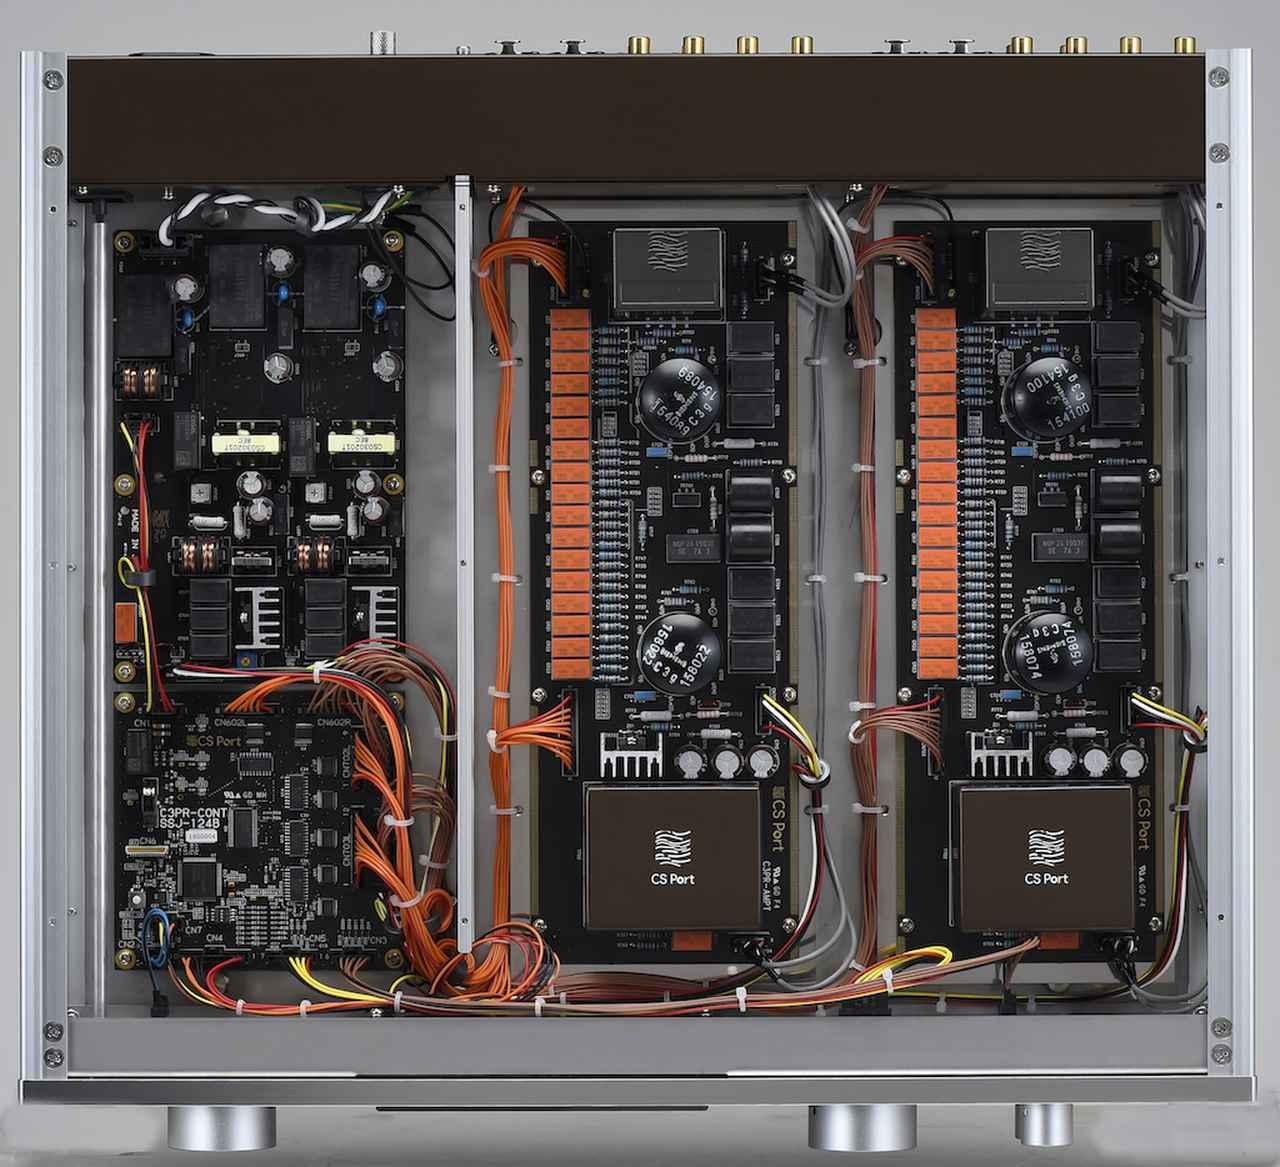 画像: 内部は3つに分割されていて、右の2つは左右チャンネルで独立した増幅部と電源部。電源部は、同社が得意とするスイッチング電源で安定化した電源を、さらに高速応答の無帰還アナログ電源で整流している。